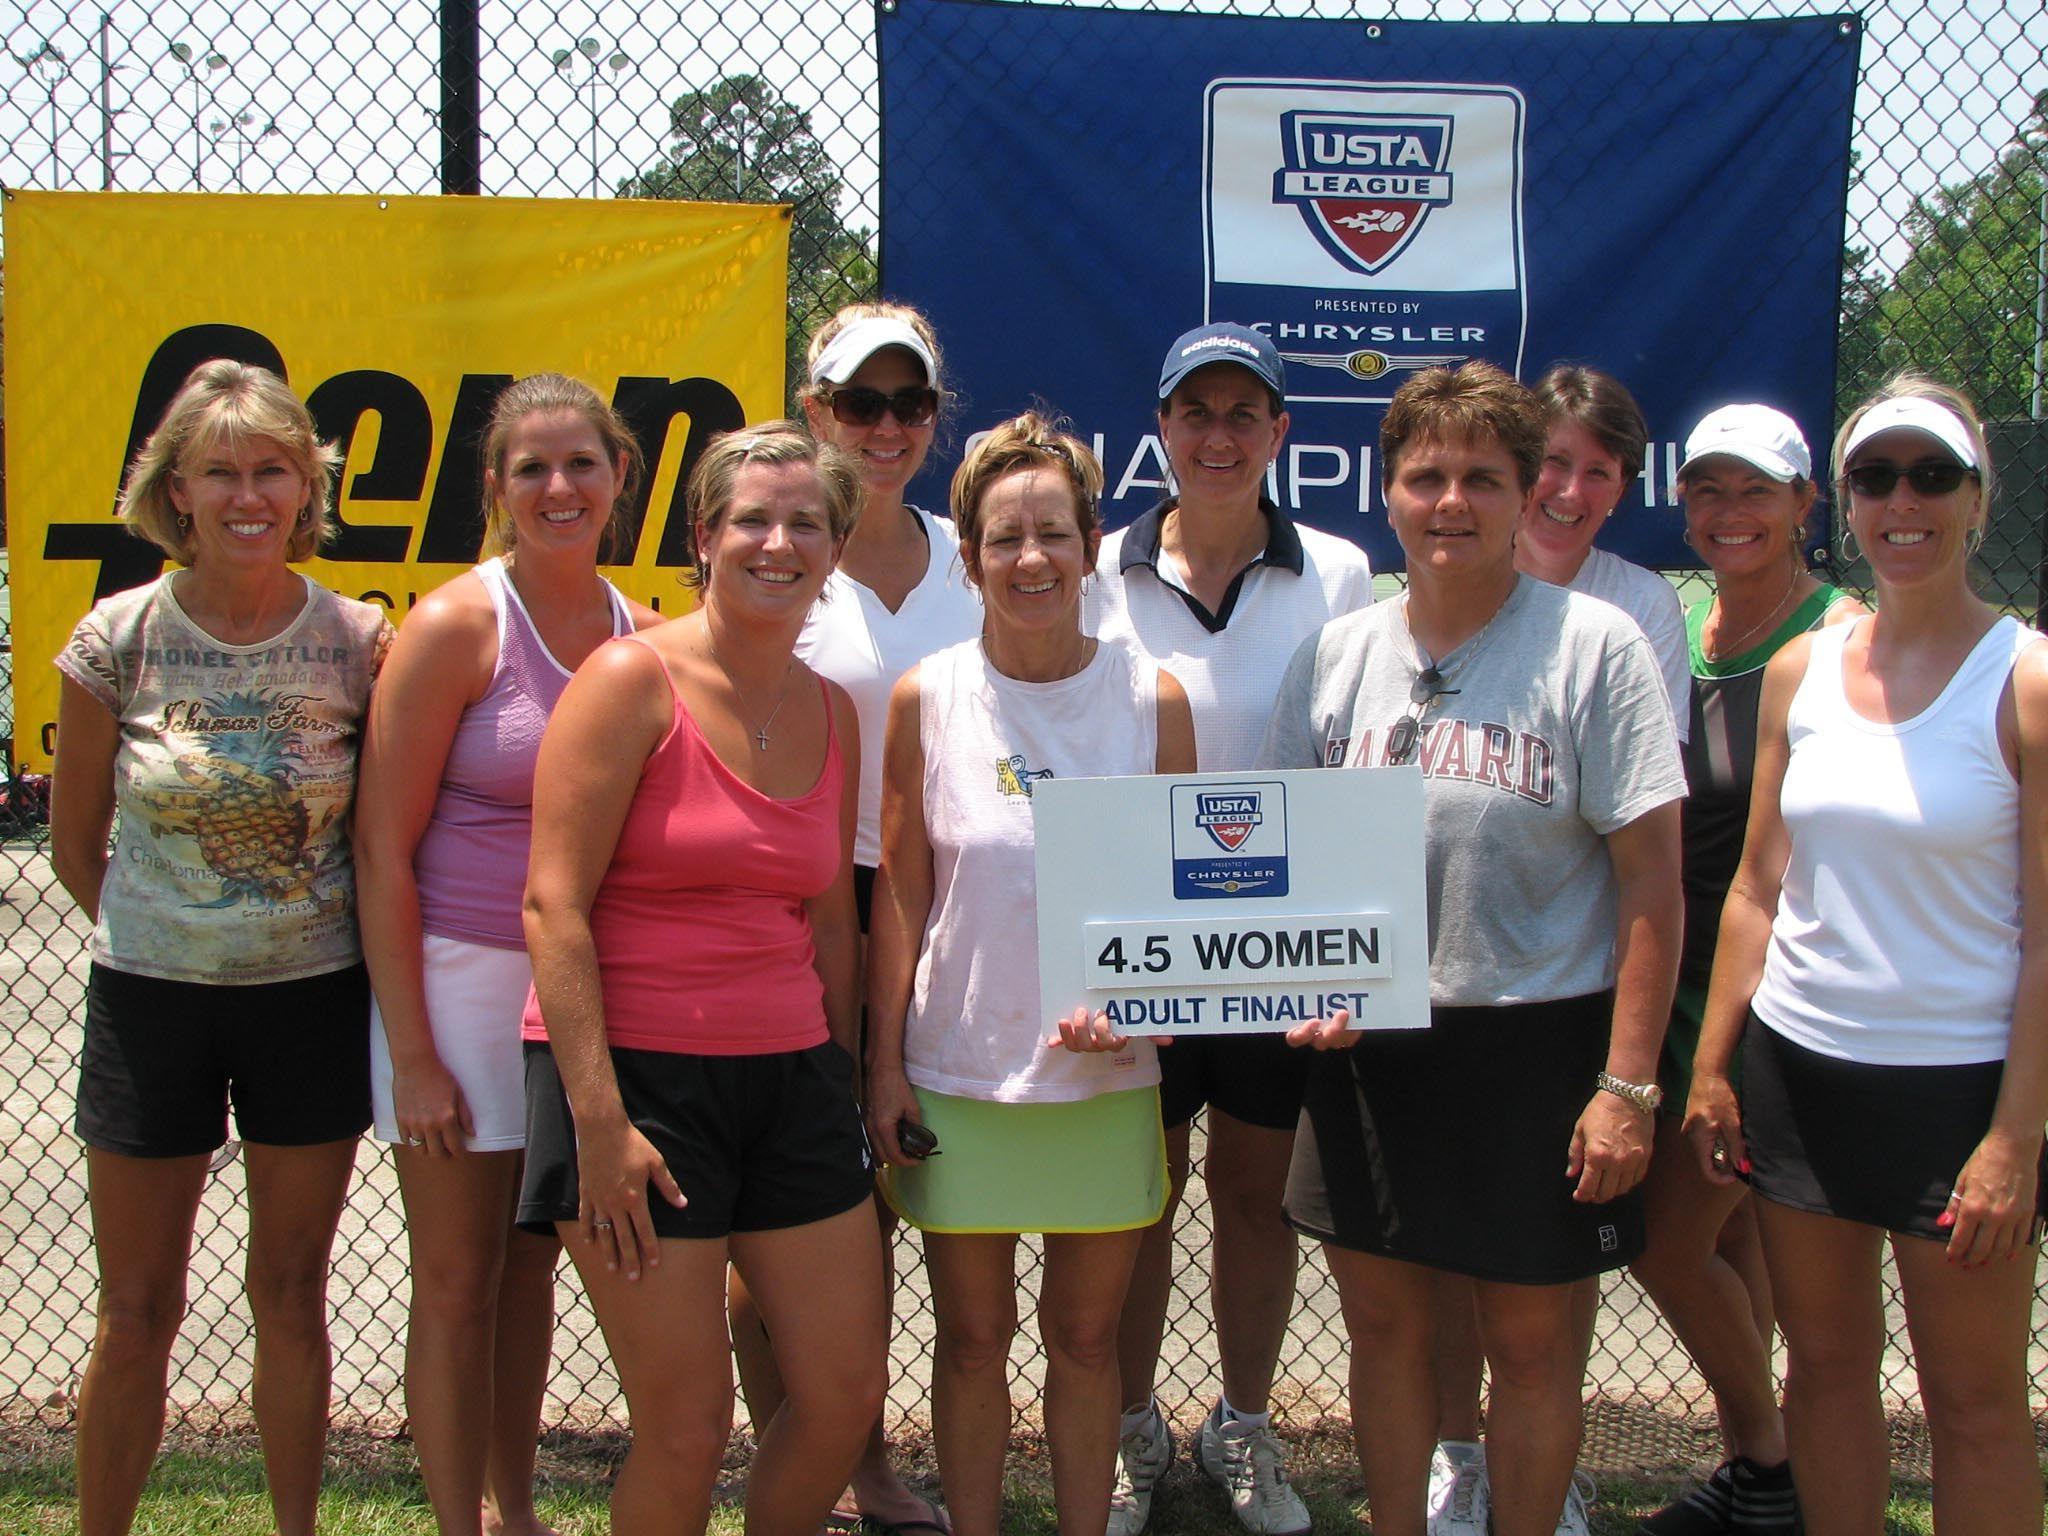 2007 4.5 Adult Women Finalist